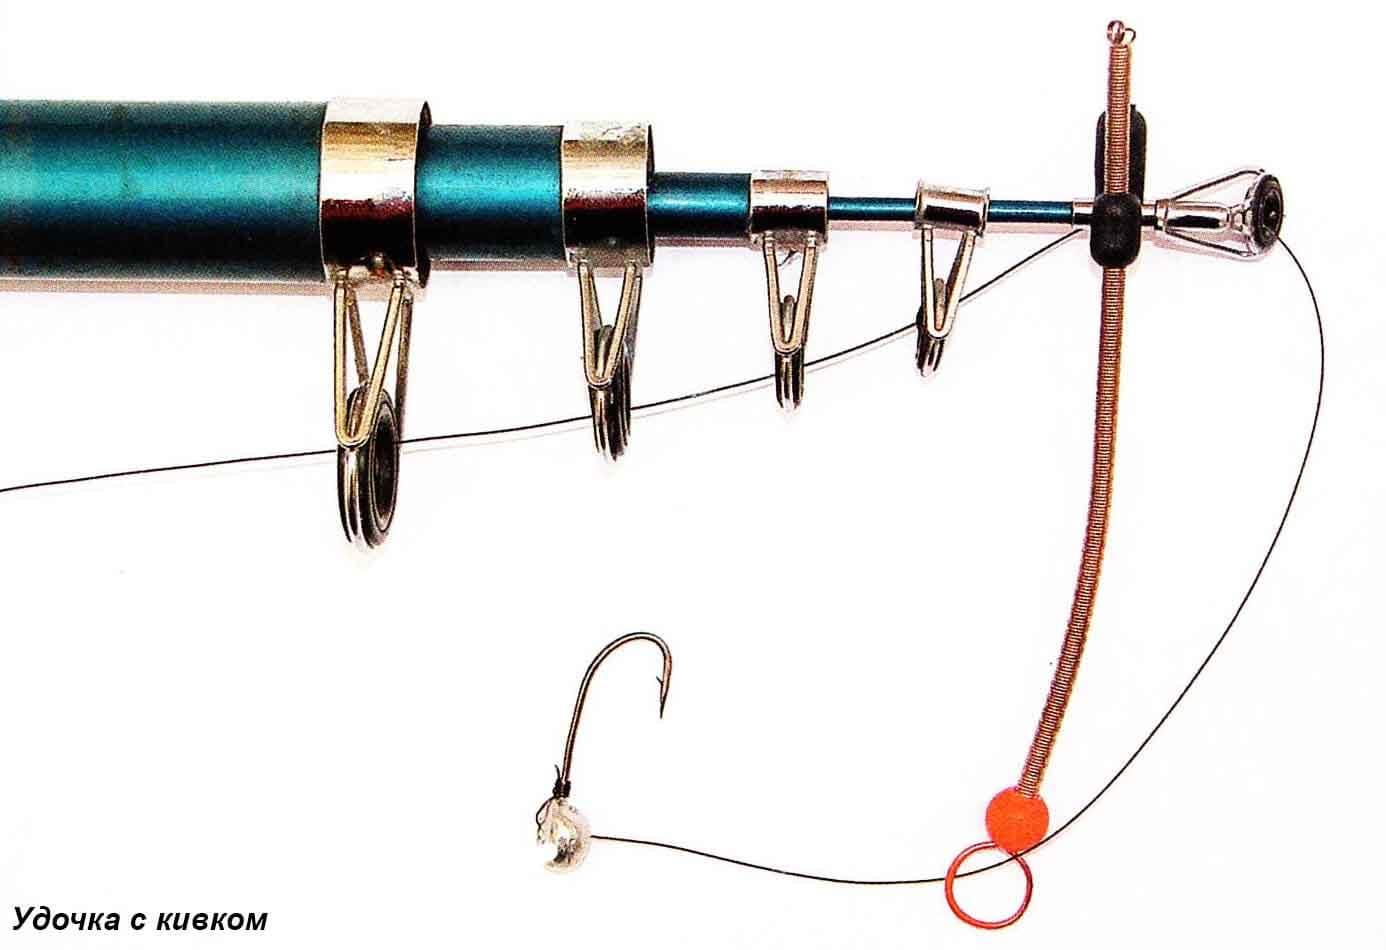 Ловля крупного ротана на спиннинг: снасти, приманки, техника ловли